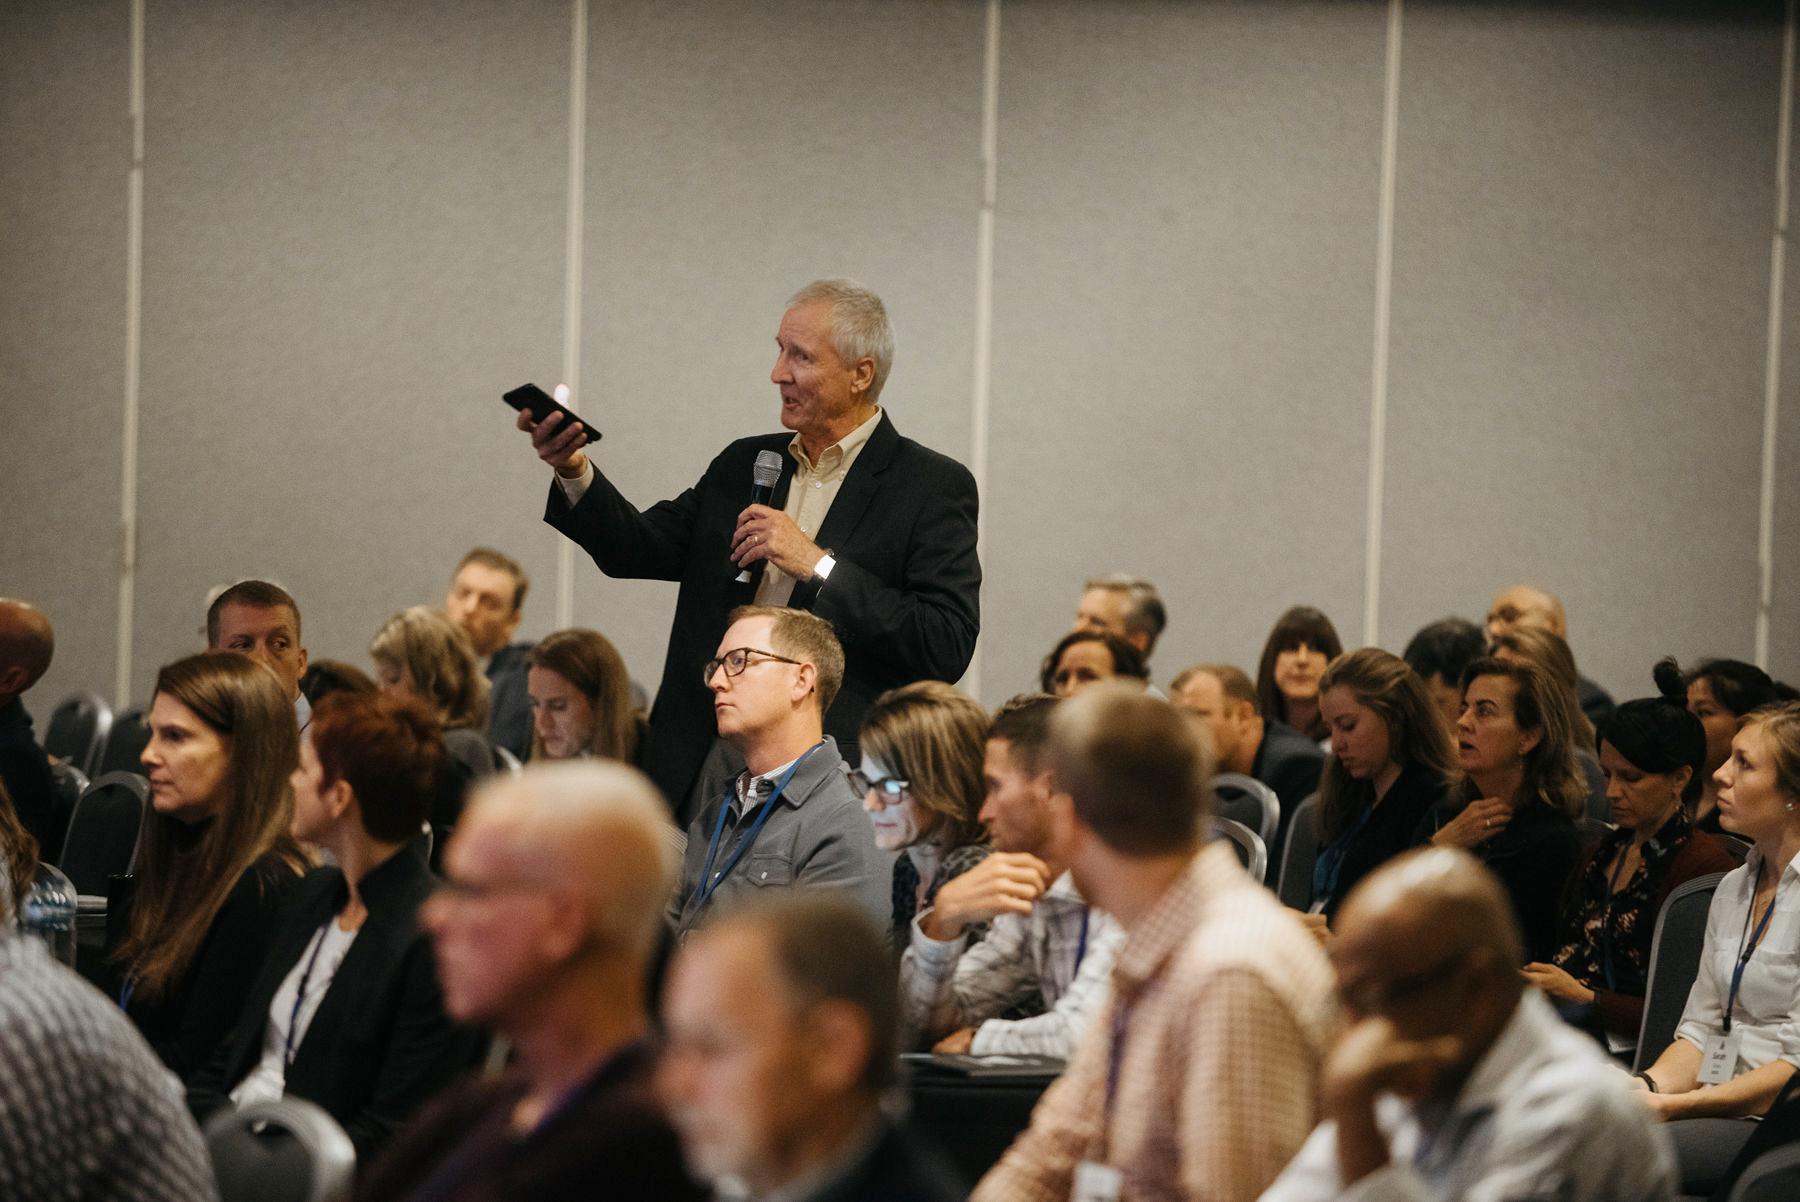 Paul Terry, HERO, speaks at HERO Forum